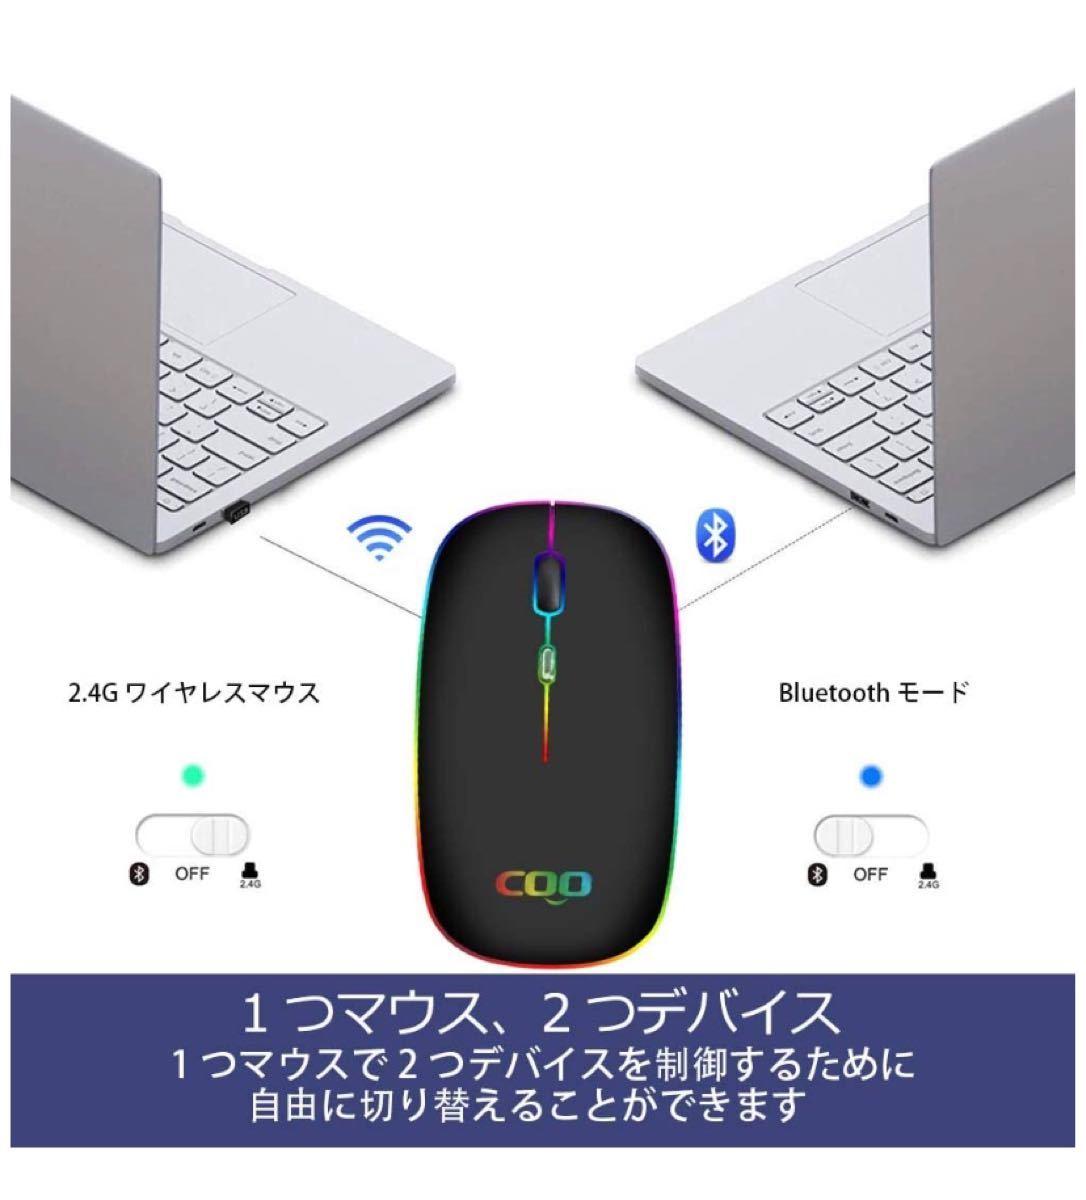 Bluetooth ワイヤレスマウス【デュアルモード】【7色ライト付き